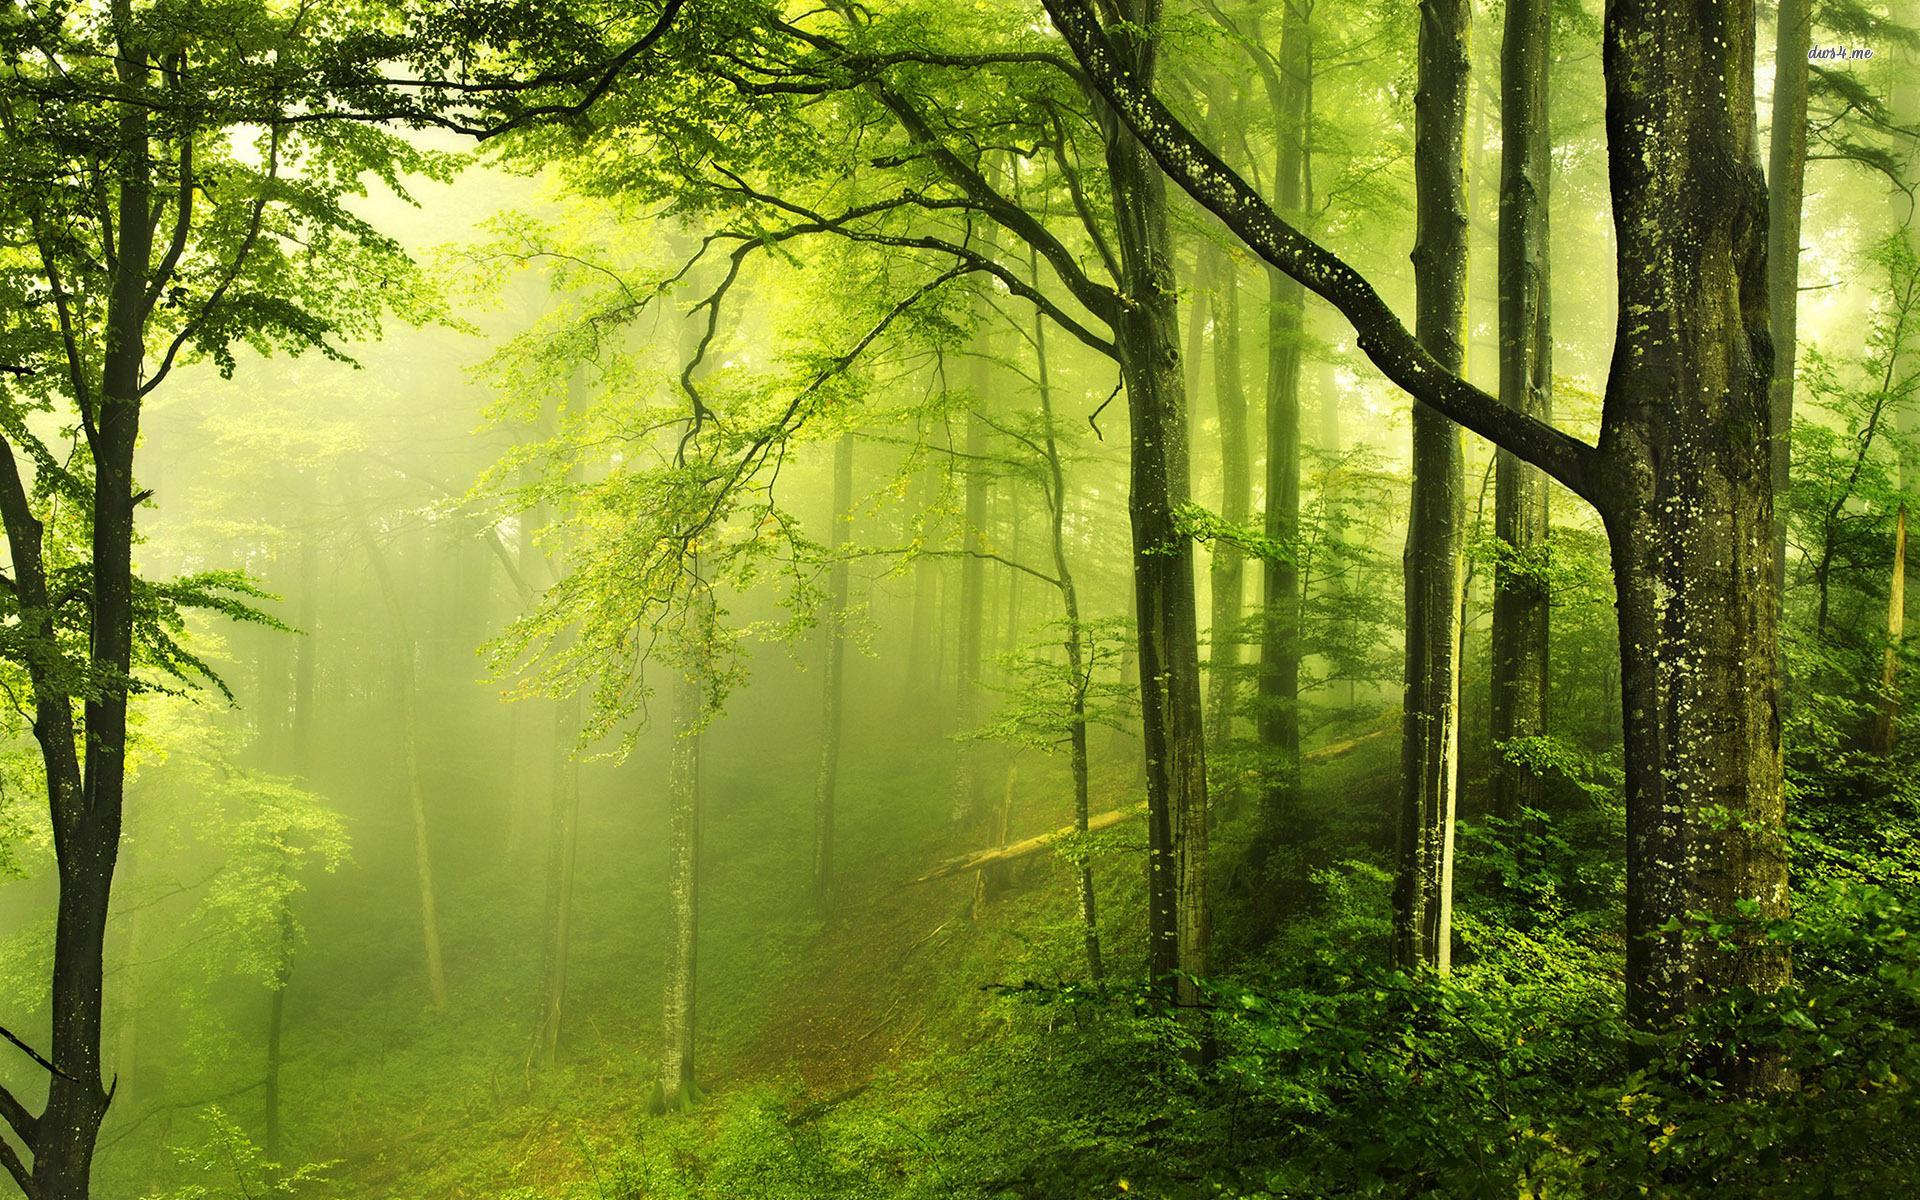 Beautiful Green Forest Nature Wallpaper Deskto 5336 Wallpaper High 1920x1200